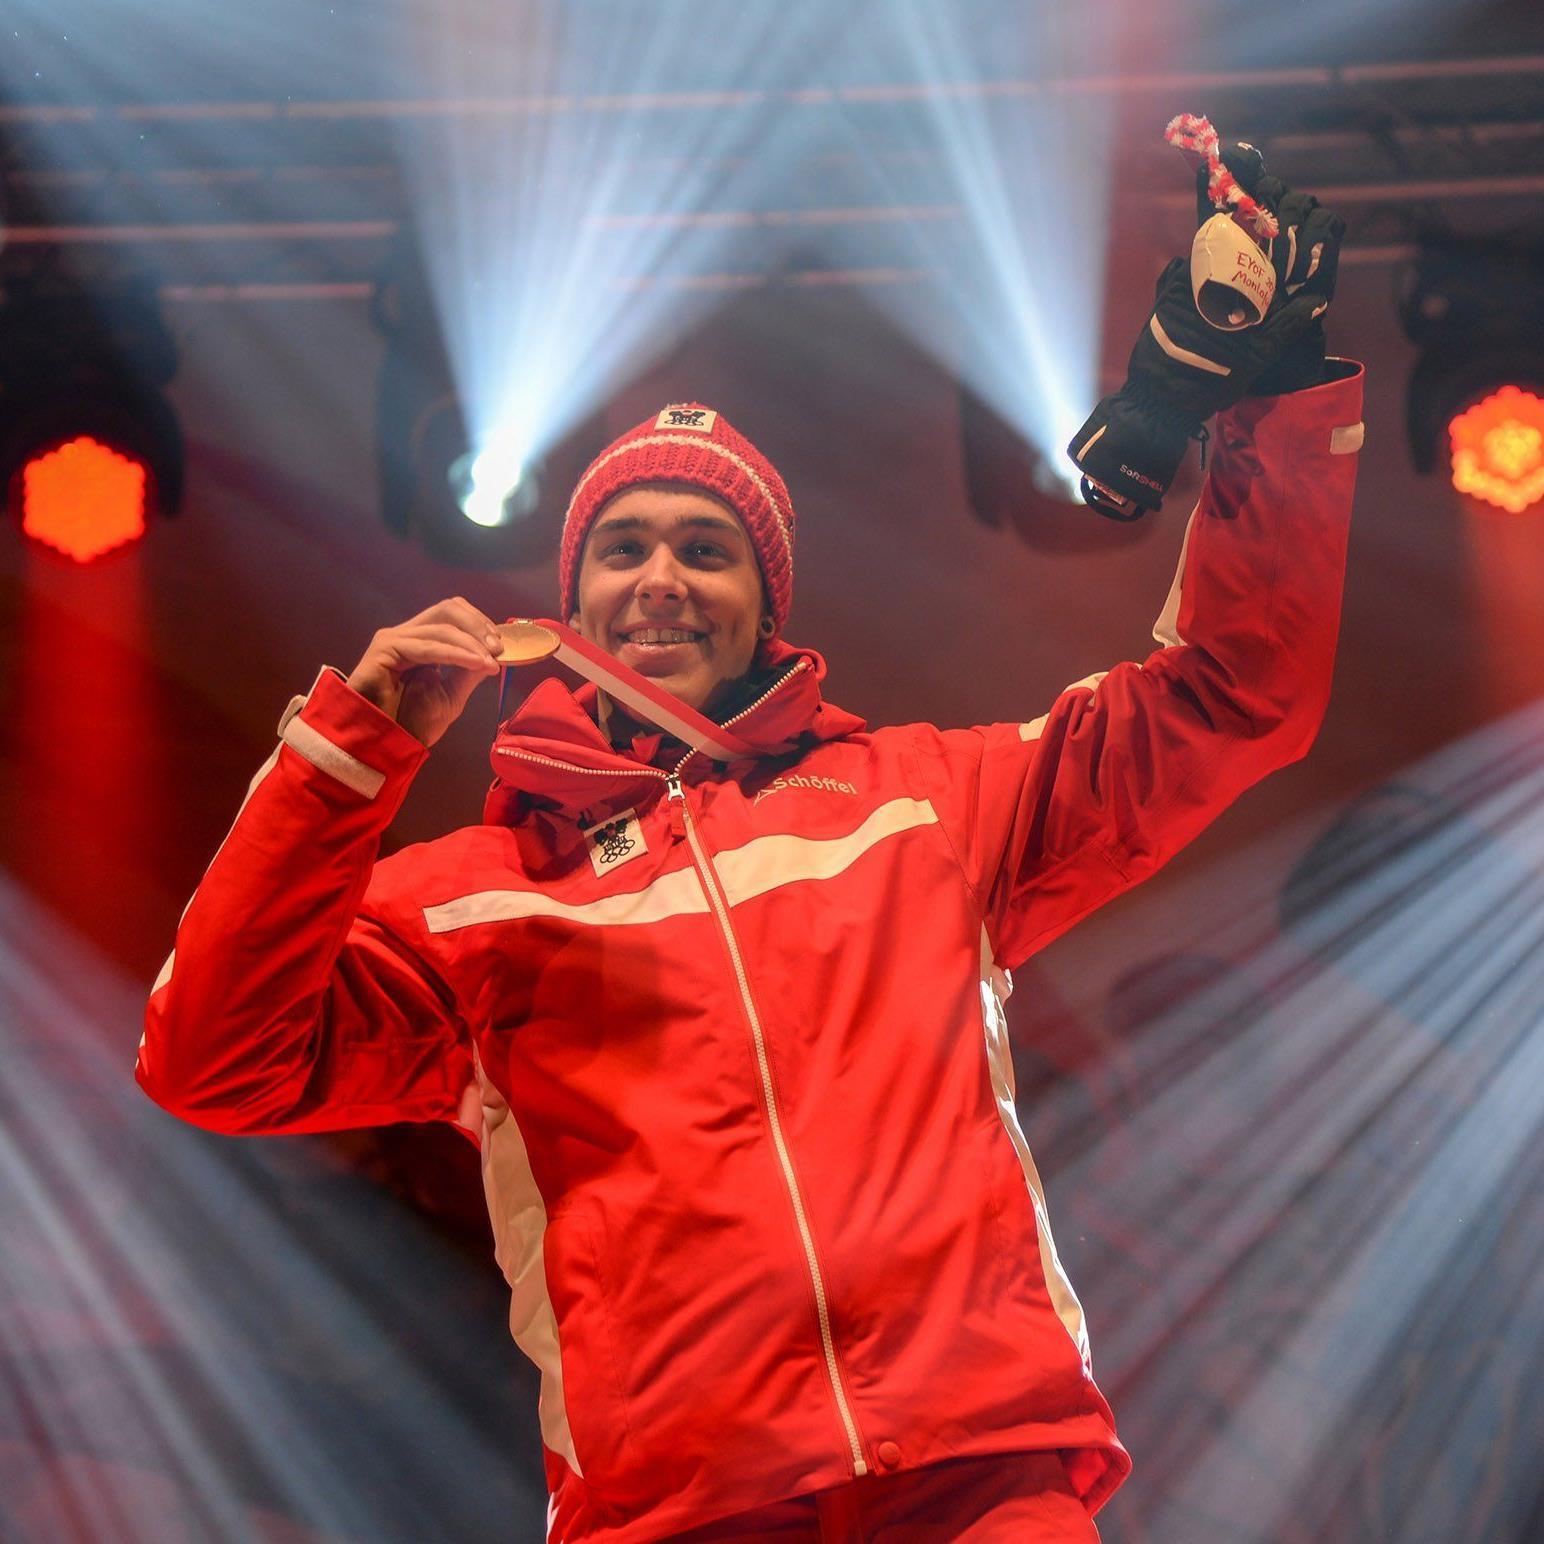 Pascal Fritz, Goldmedaille-Gewinner bei der EYOF 2015